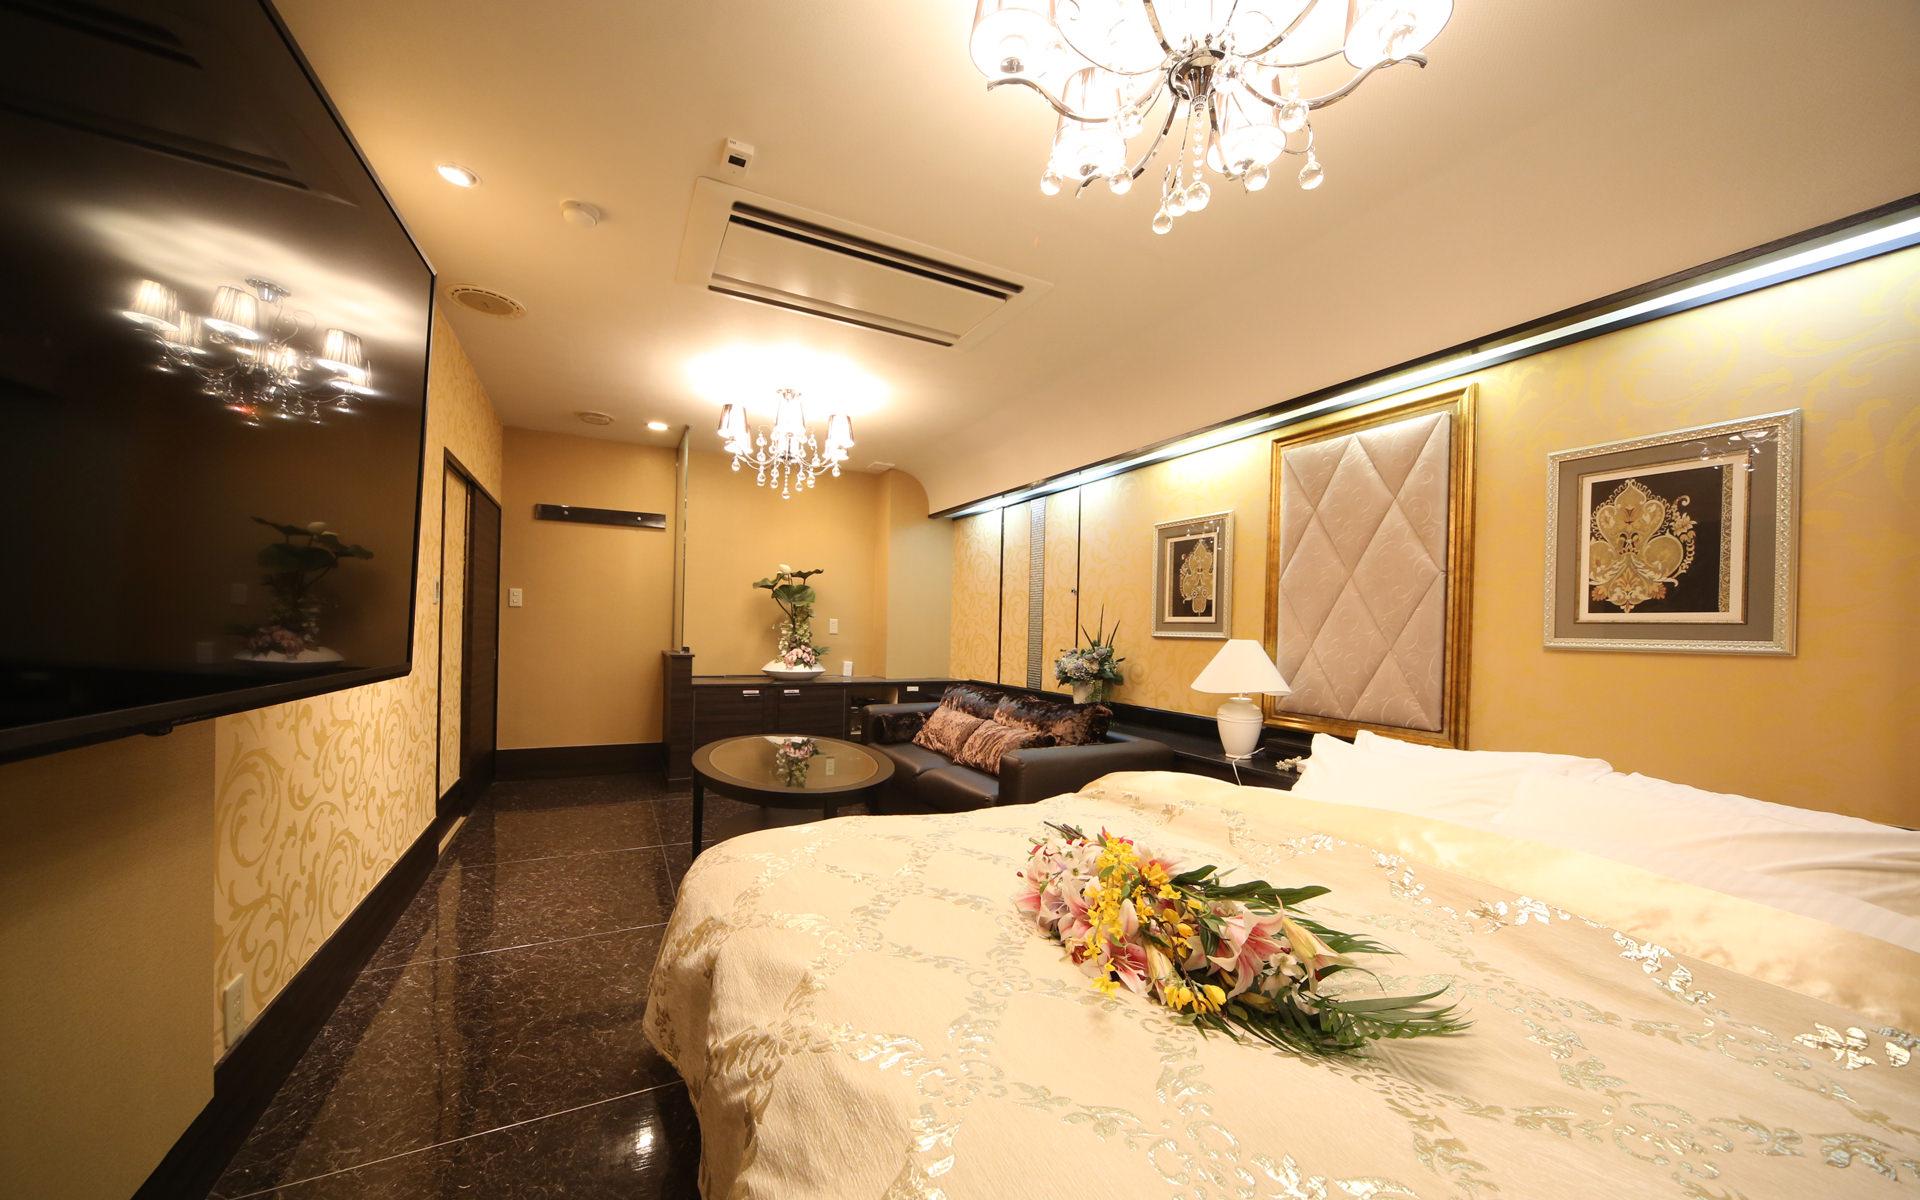 HOTEL LOHAS 錦糸町